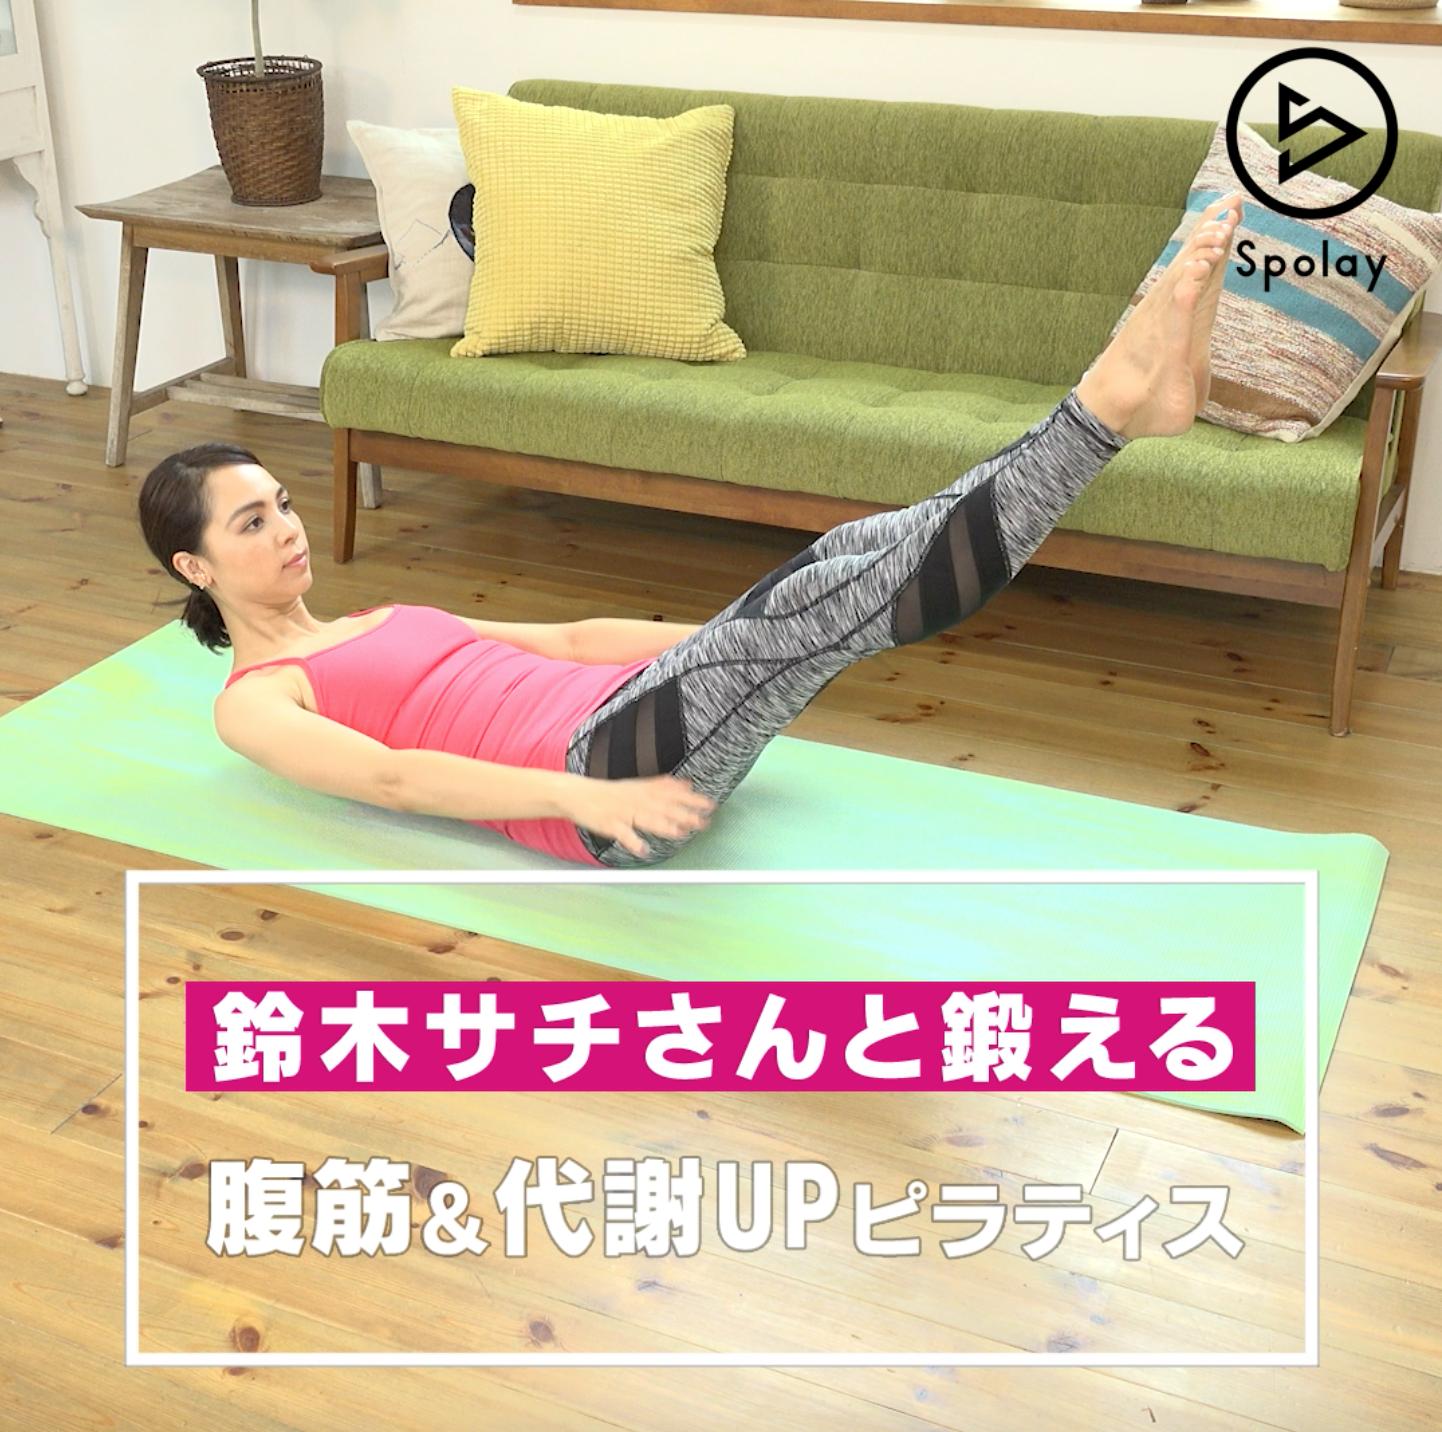 鈴木サチさんと鍛える 腹筋&代謝UPピラティス